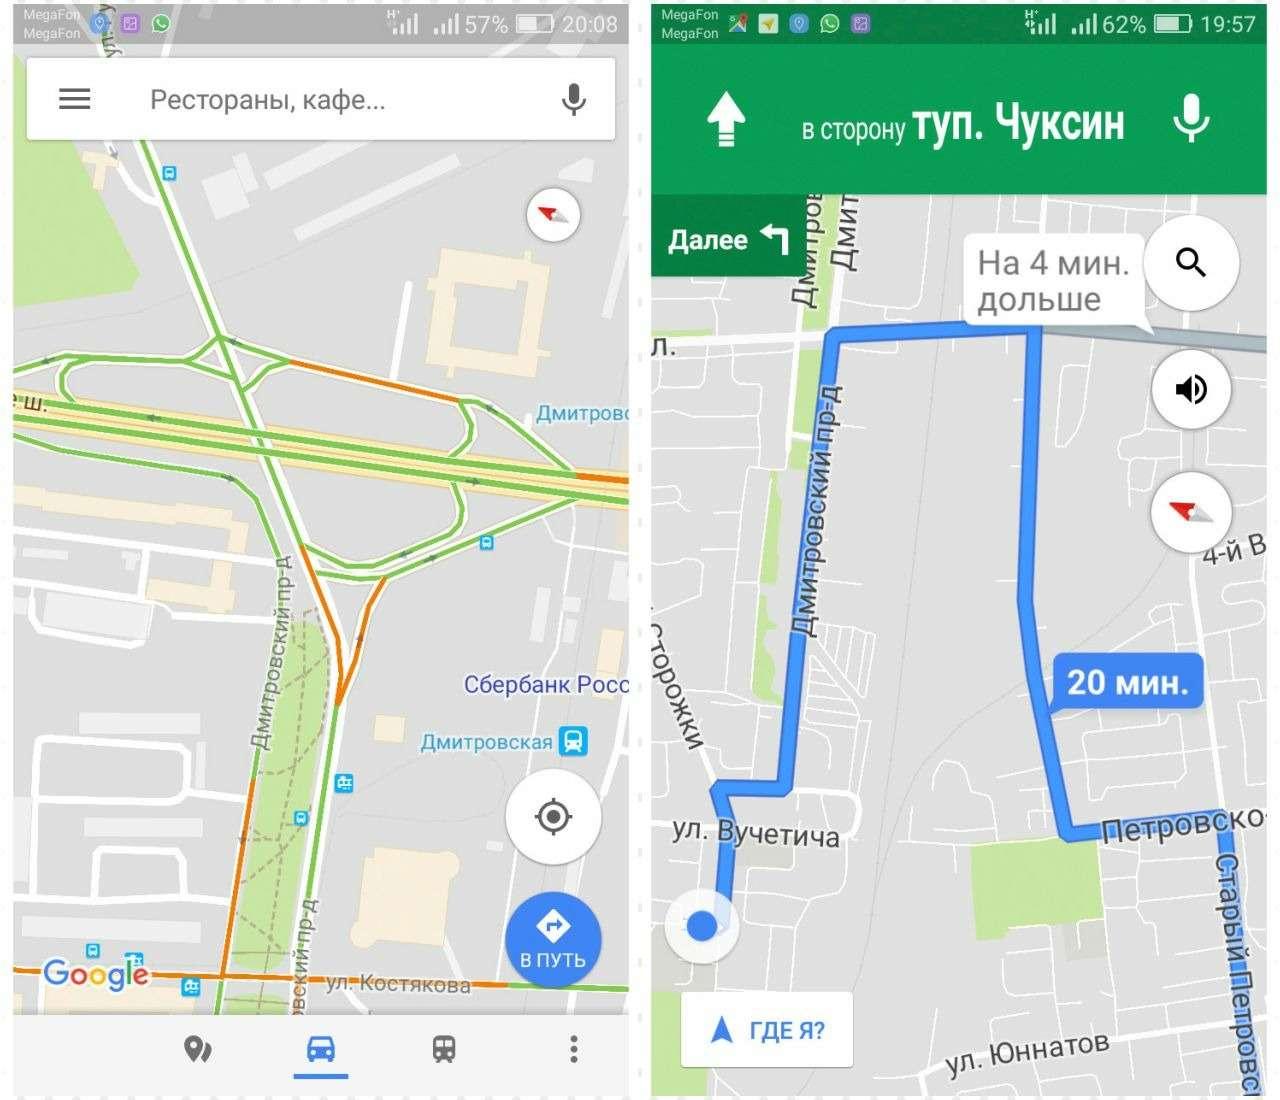 Яндекс.Навигатор или Google— выбираем лучшее мобильное приложение— фото 816278